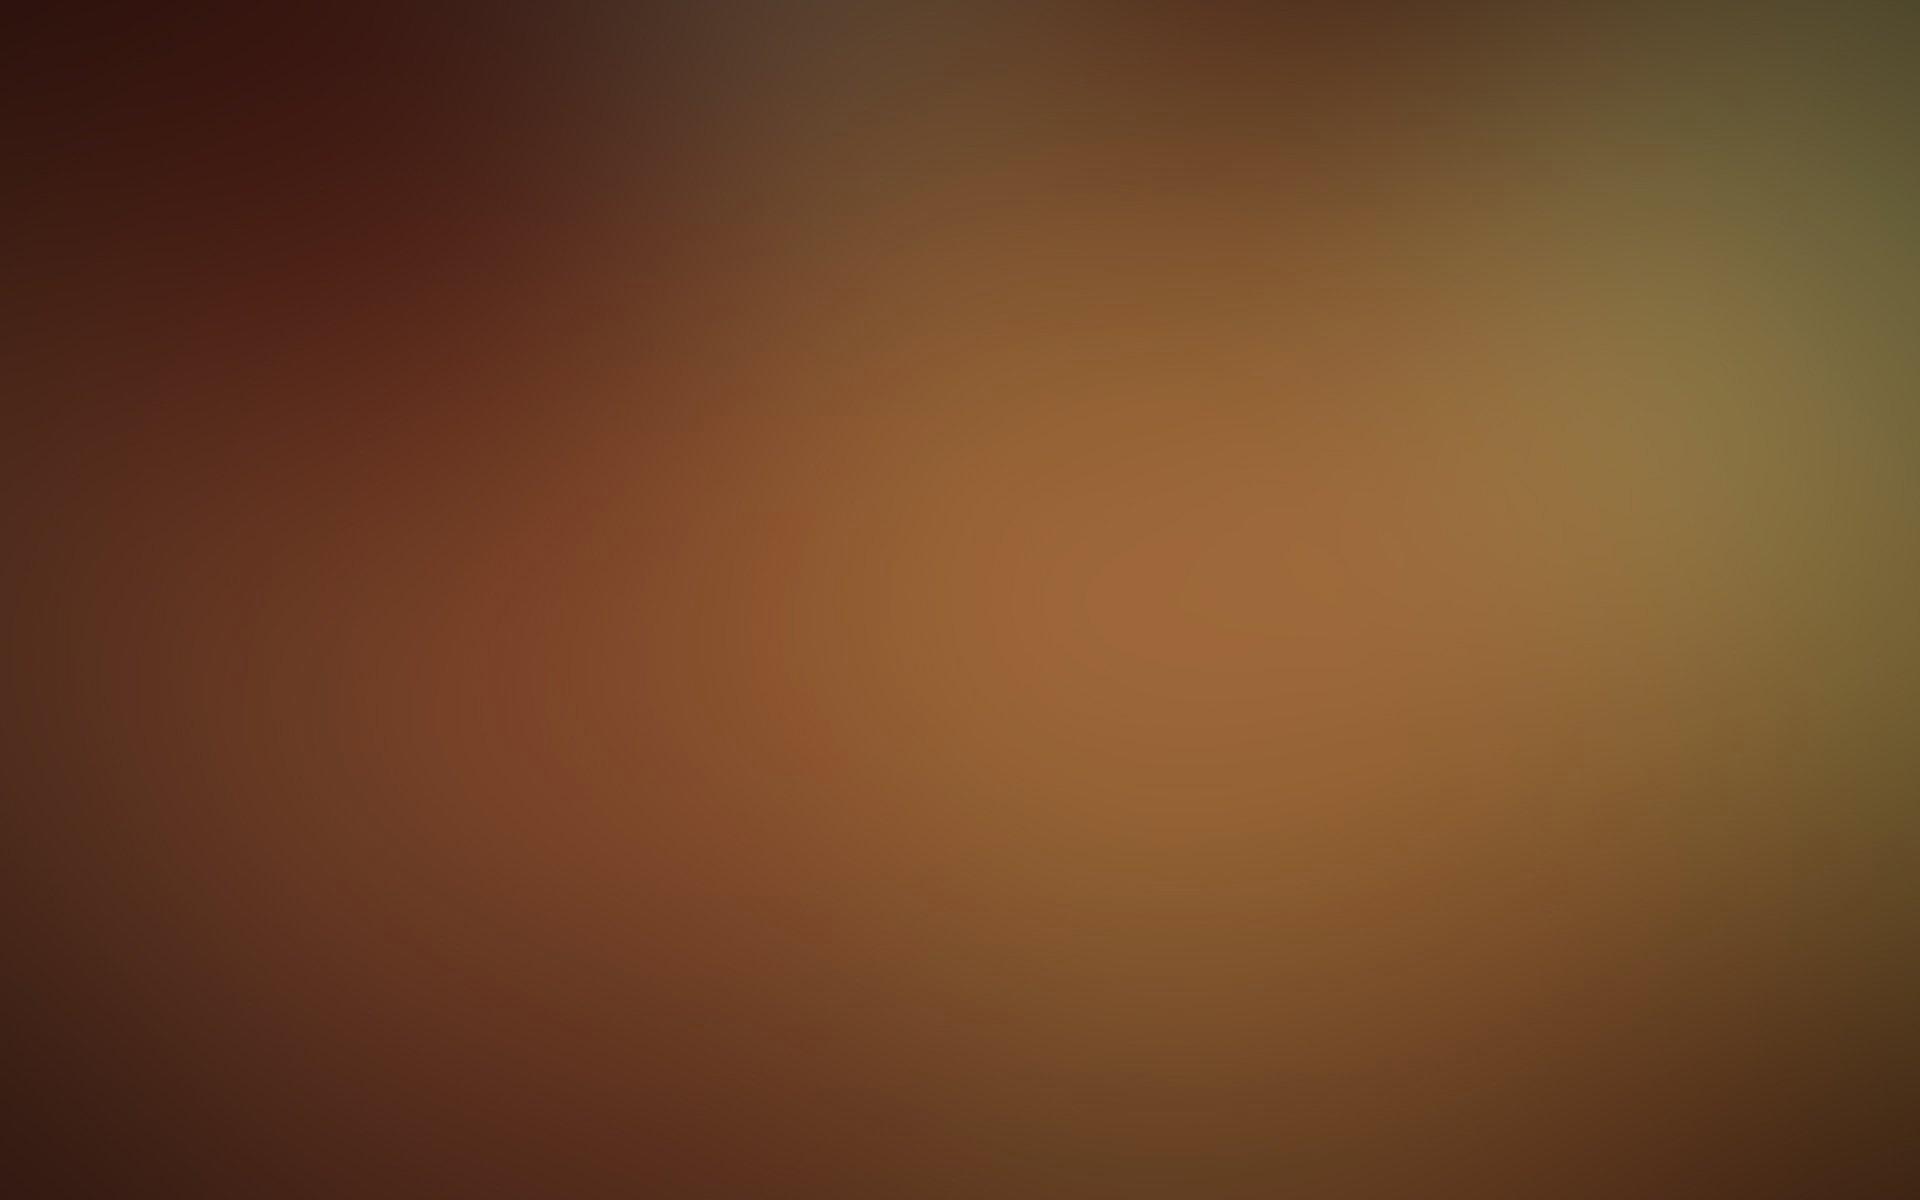 Gradient-Wallpapers-1